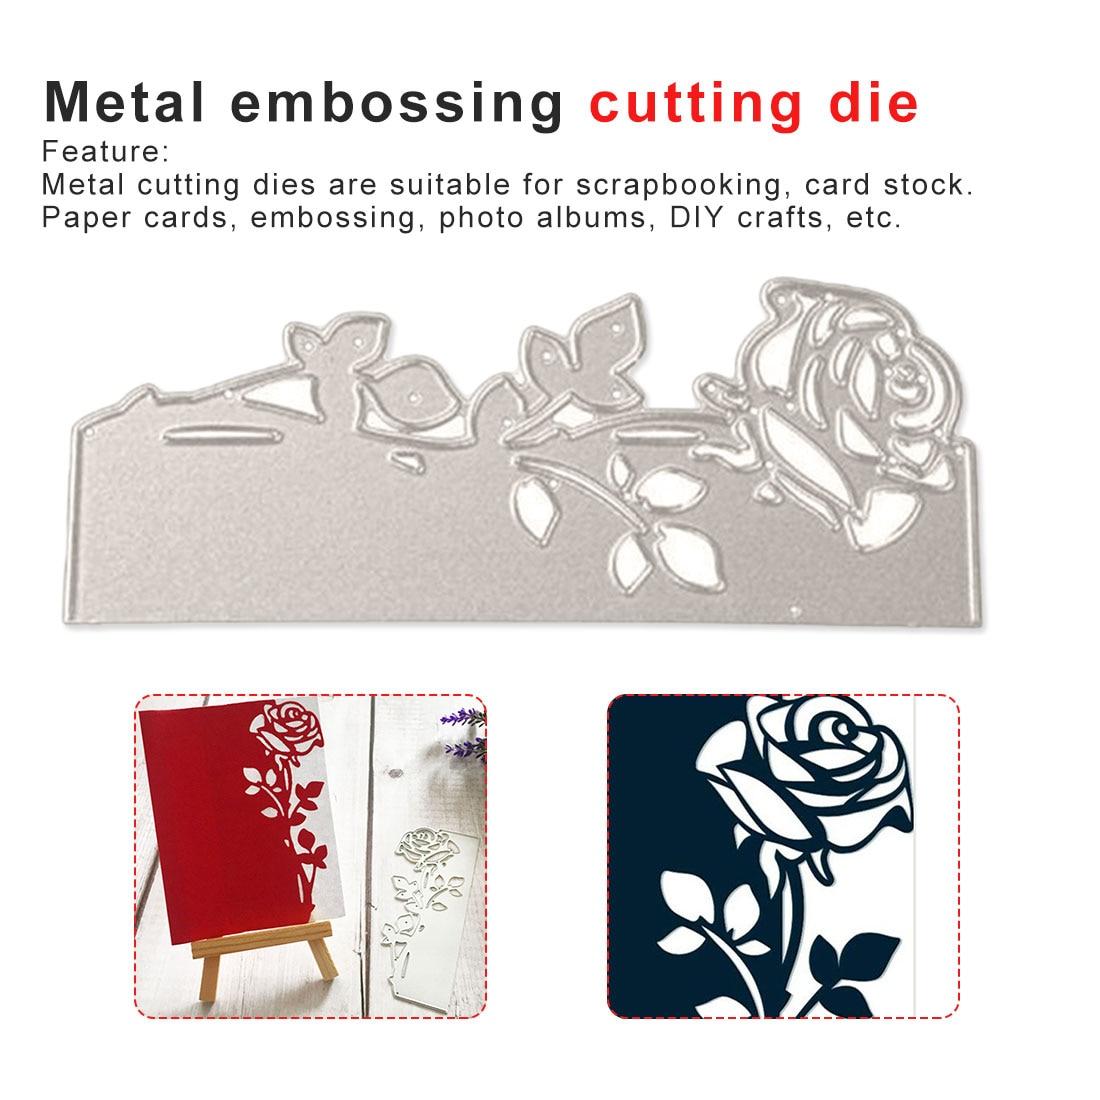 LEAVES DIY METAL CUTTING DIE SCRAPBOOK ALBUM PAPER CARDS EMBOSSING STENCIL NICE